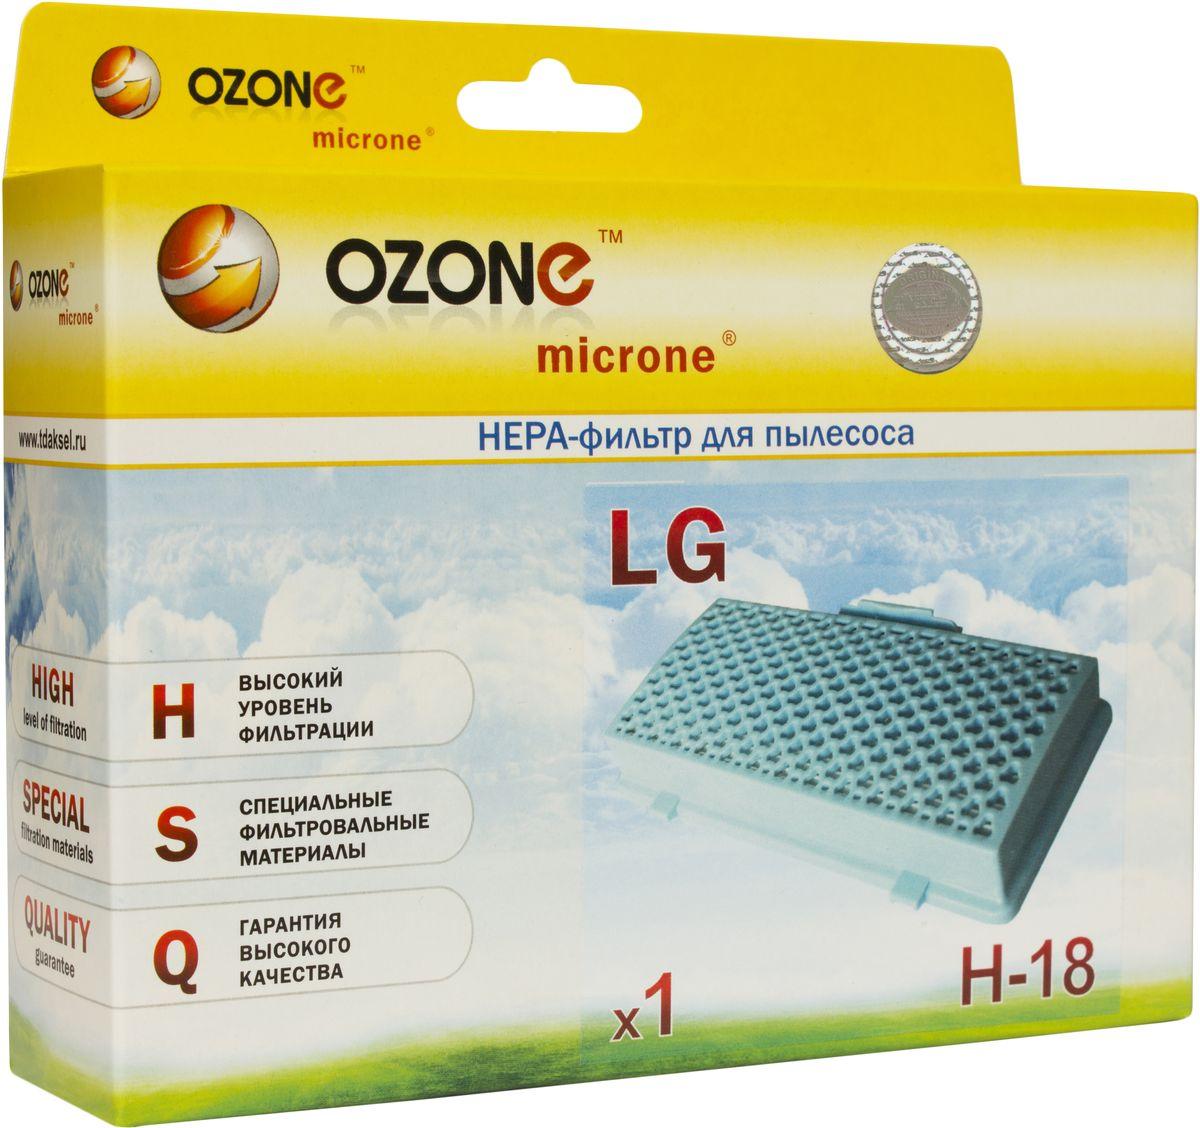 Ozone H-18 НЕРА фильтр для пылесоса LG фильтры для воды фибос фильтр сверхтонкой очистки фибос 1